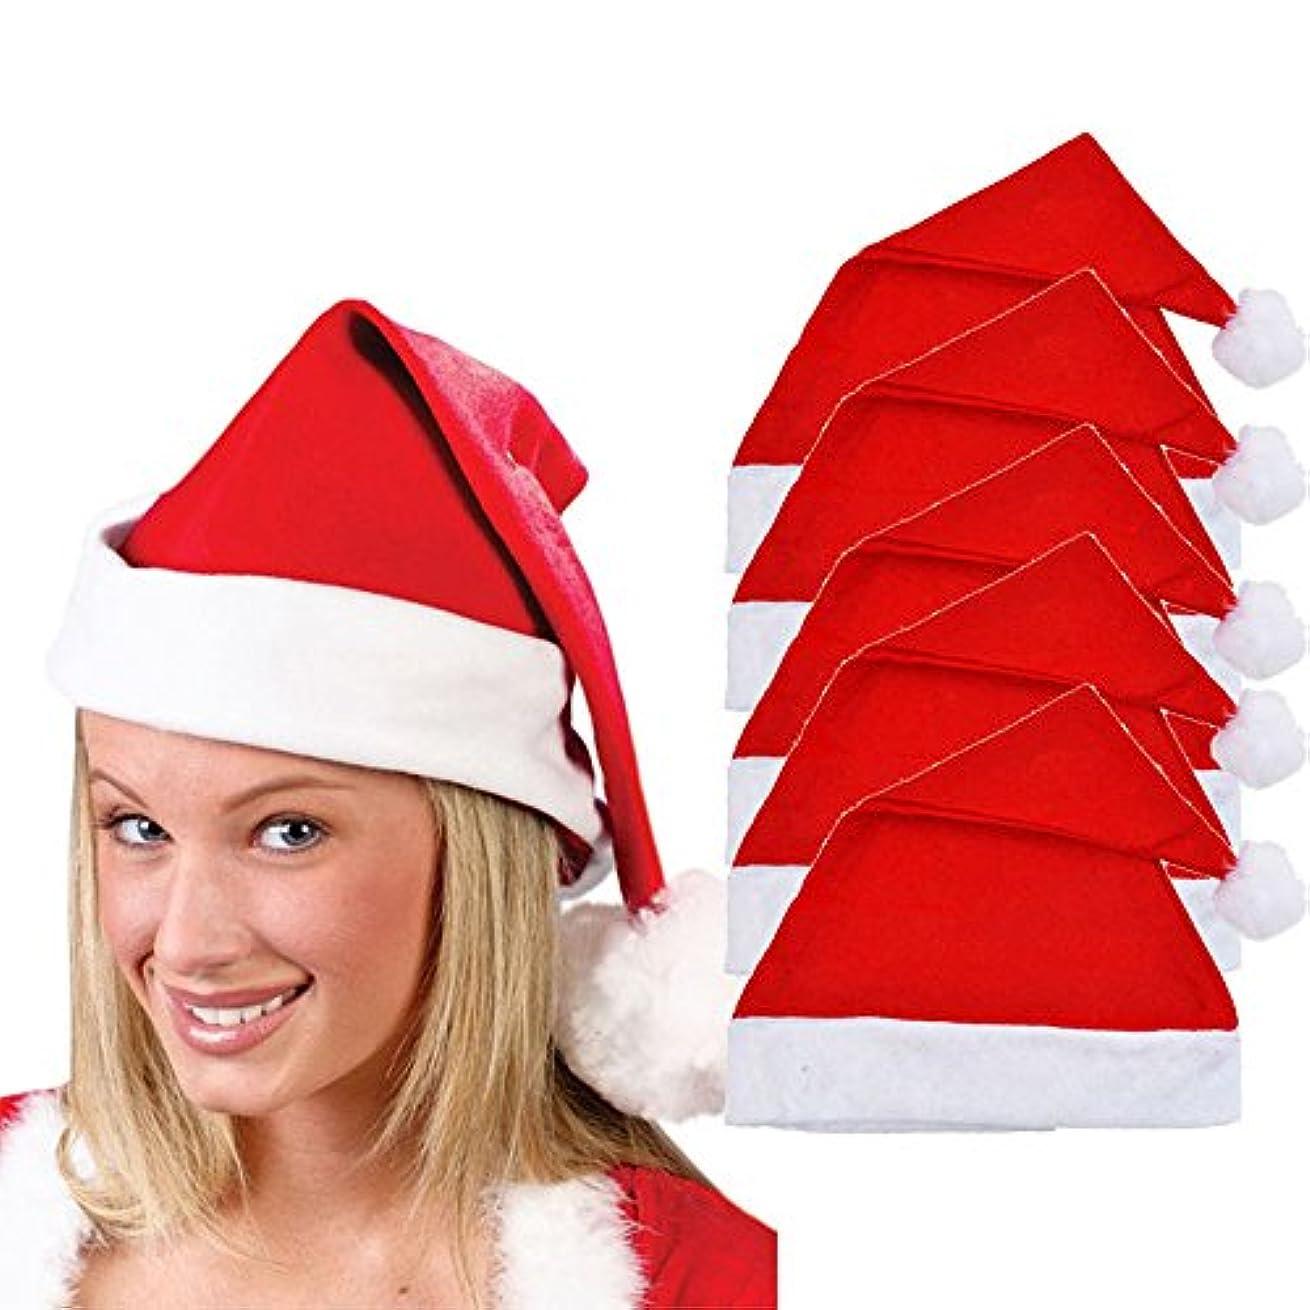 荒涼とした典型的なアカデミックRacazing クリスマスハット 5つの レッド Hat ライト ドームキャップ 防寒対策 通気性のある 防風 ニット帽 暖かい 軽量 屋外 スキー 自転車 クリスマス 男女兼用 Christmas Cap